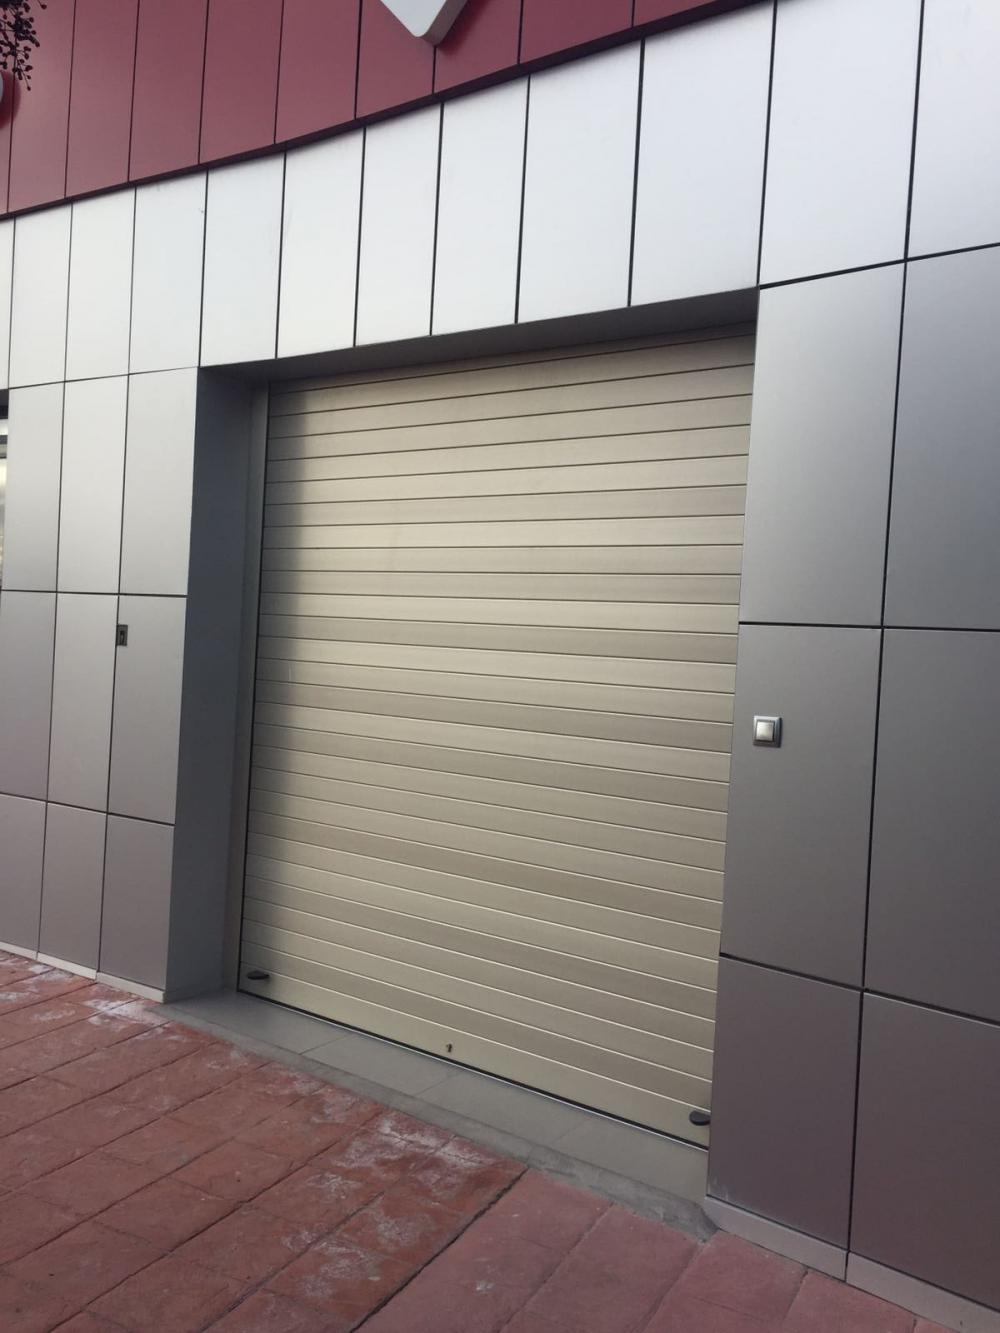 Precio puerta garaje seccional affordable un garaje de for Puerta garaje seccional precio